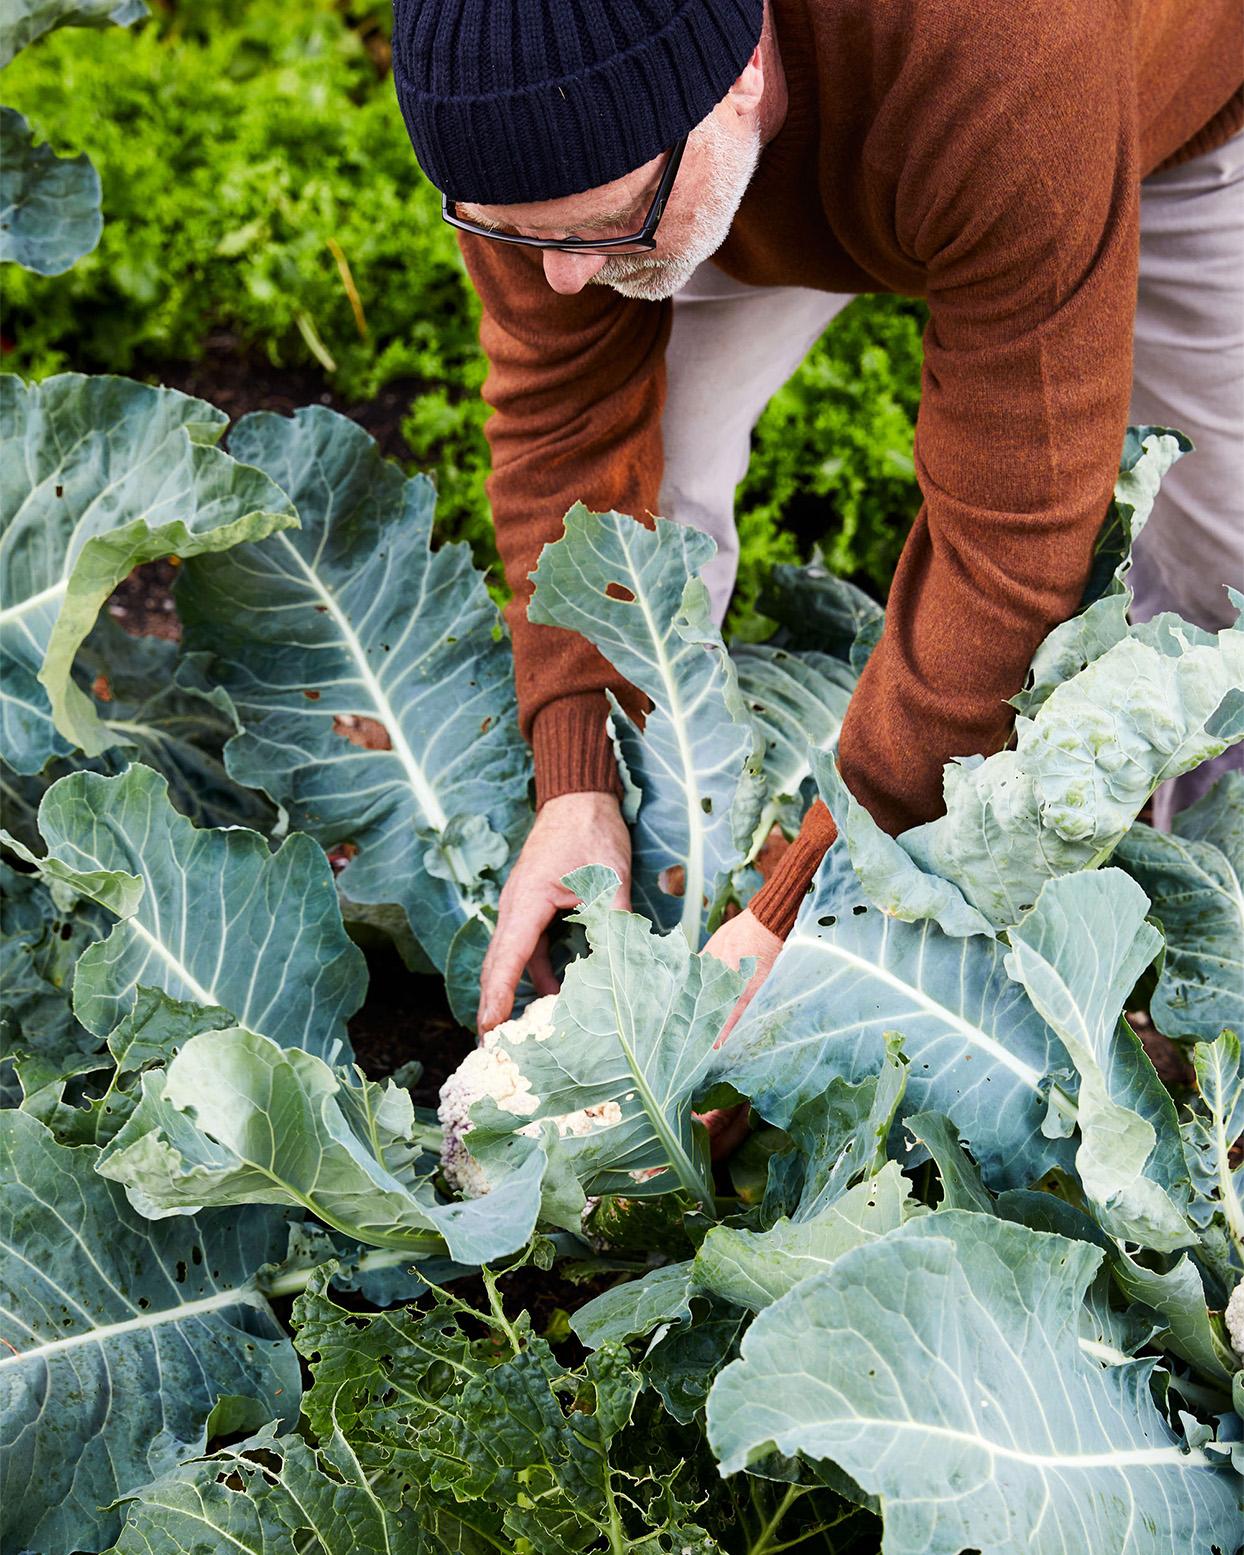 picking cauliflower in the garden